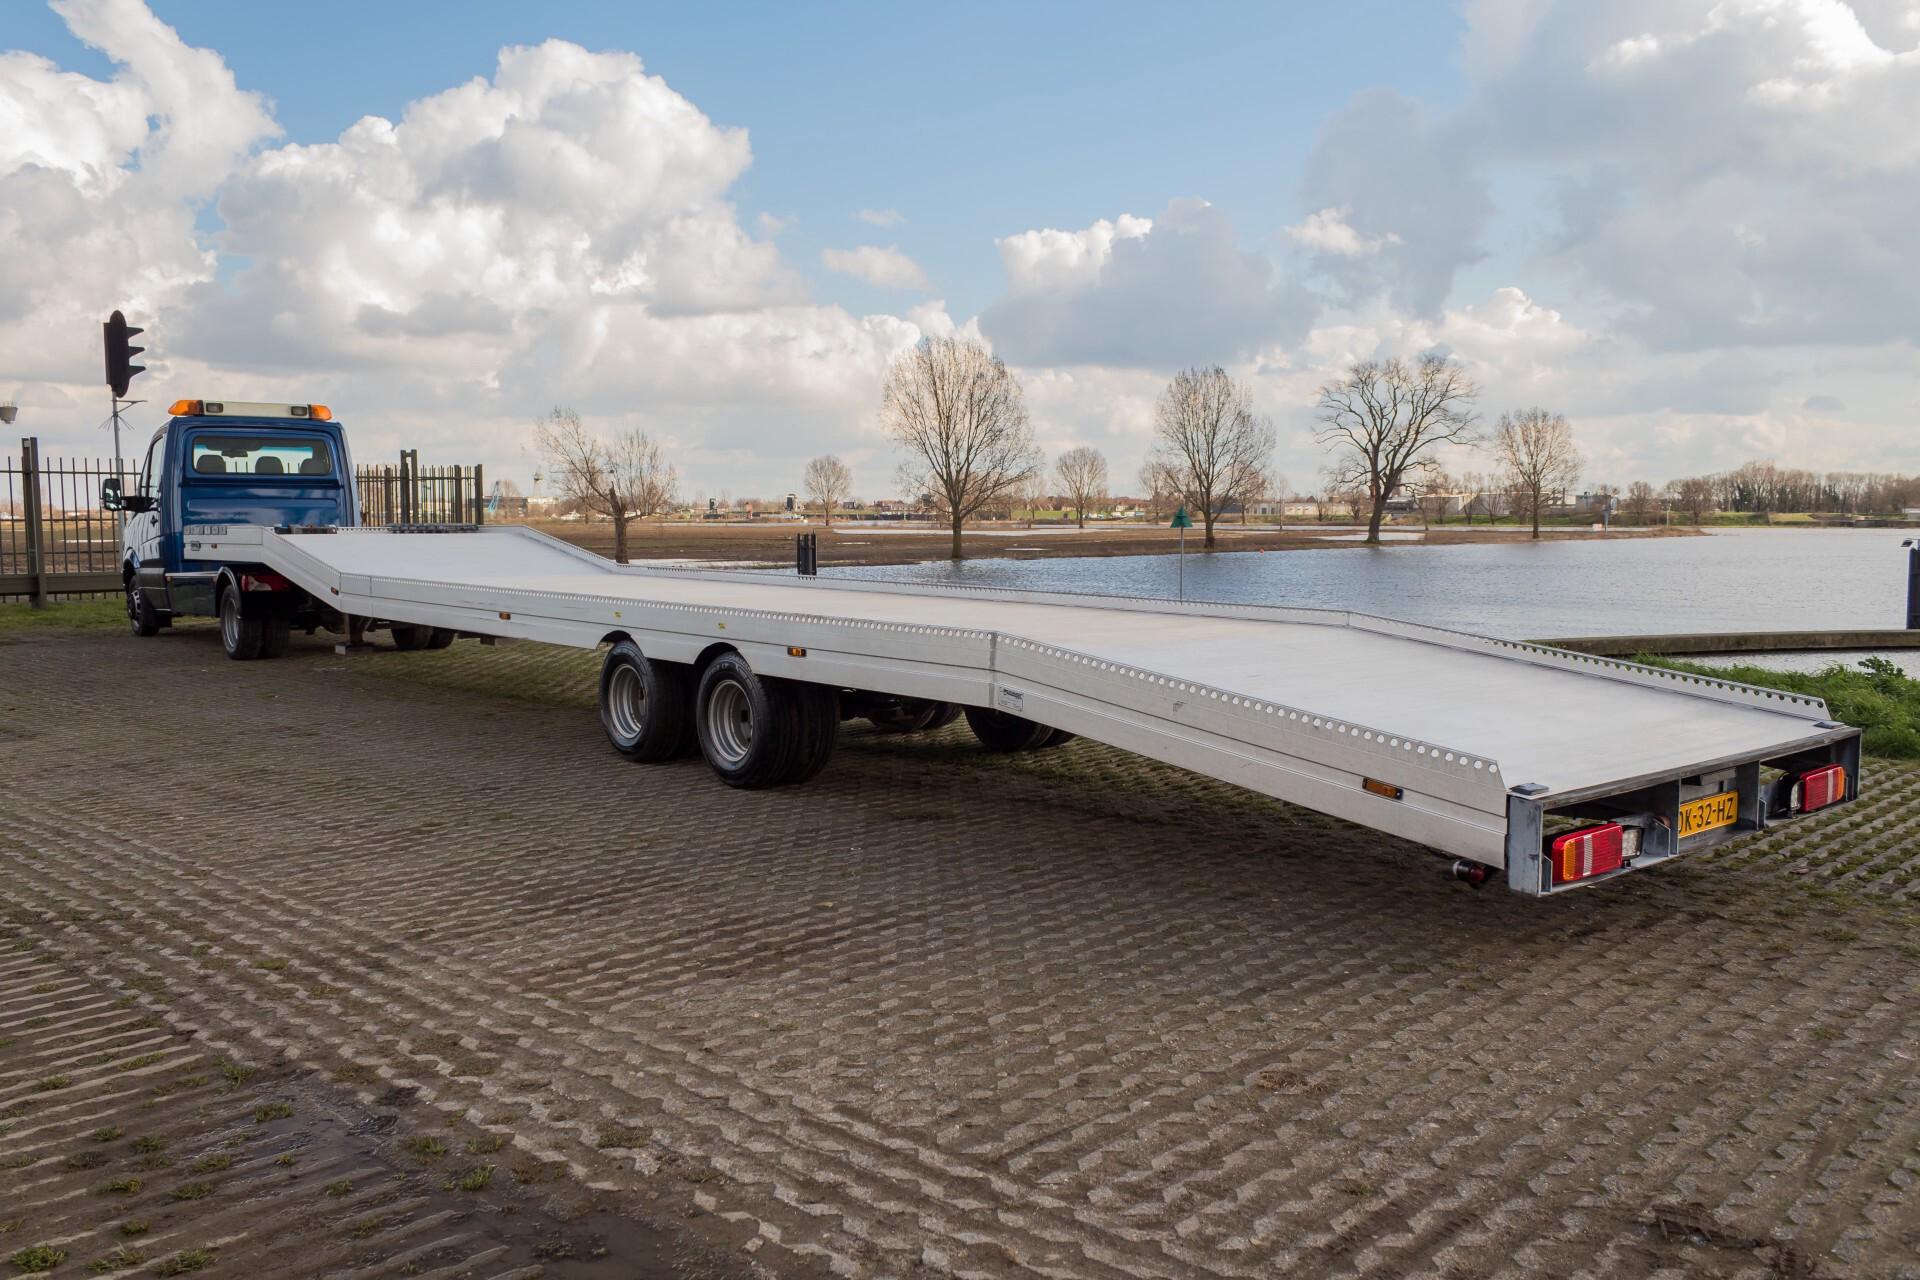 Mercedes-Benz Sprinter 518 3.0 Cdi V6 Oprijwagen / Auto ambulance 7360 kg Foto 26